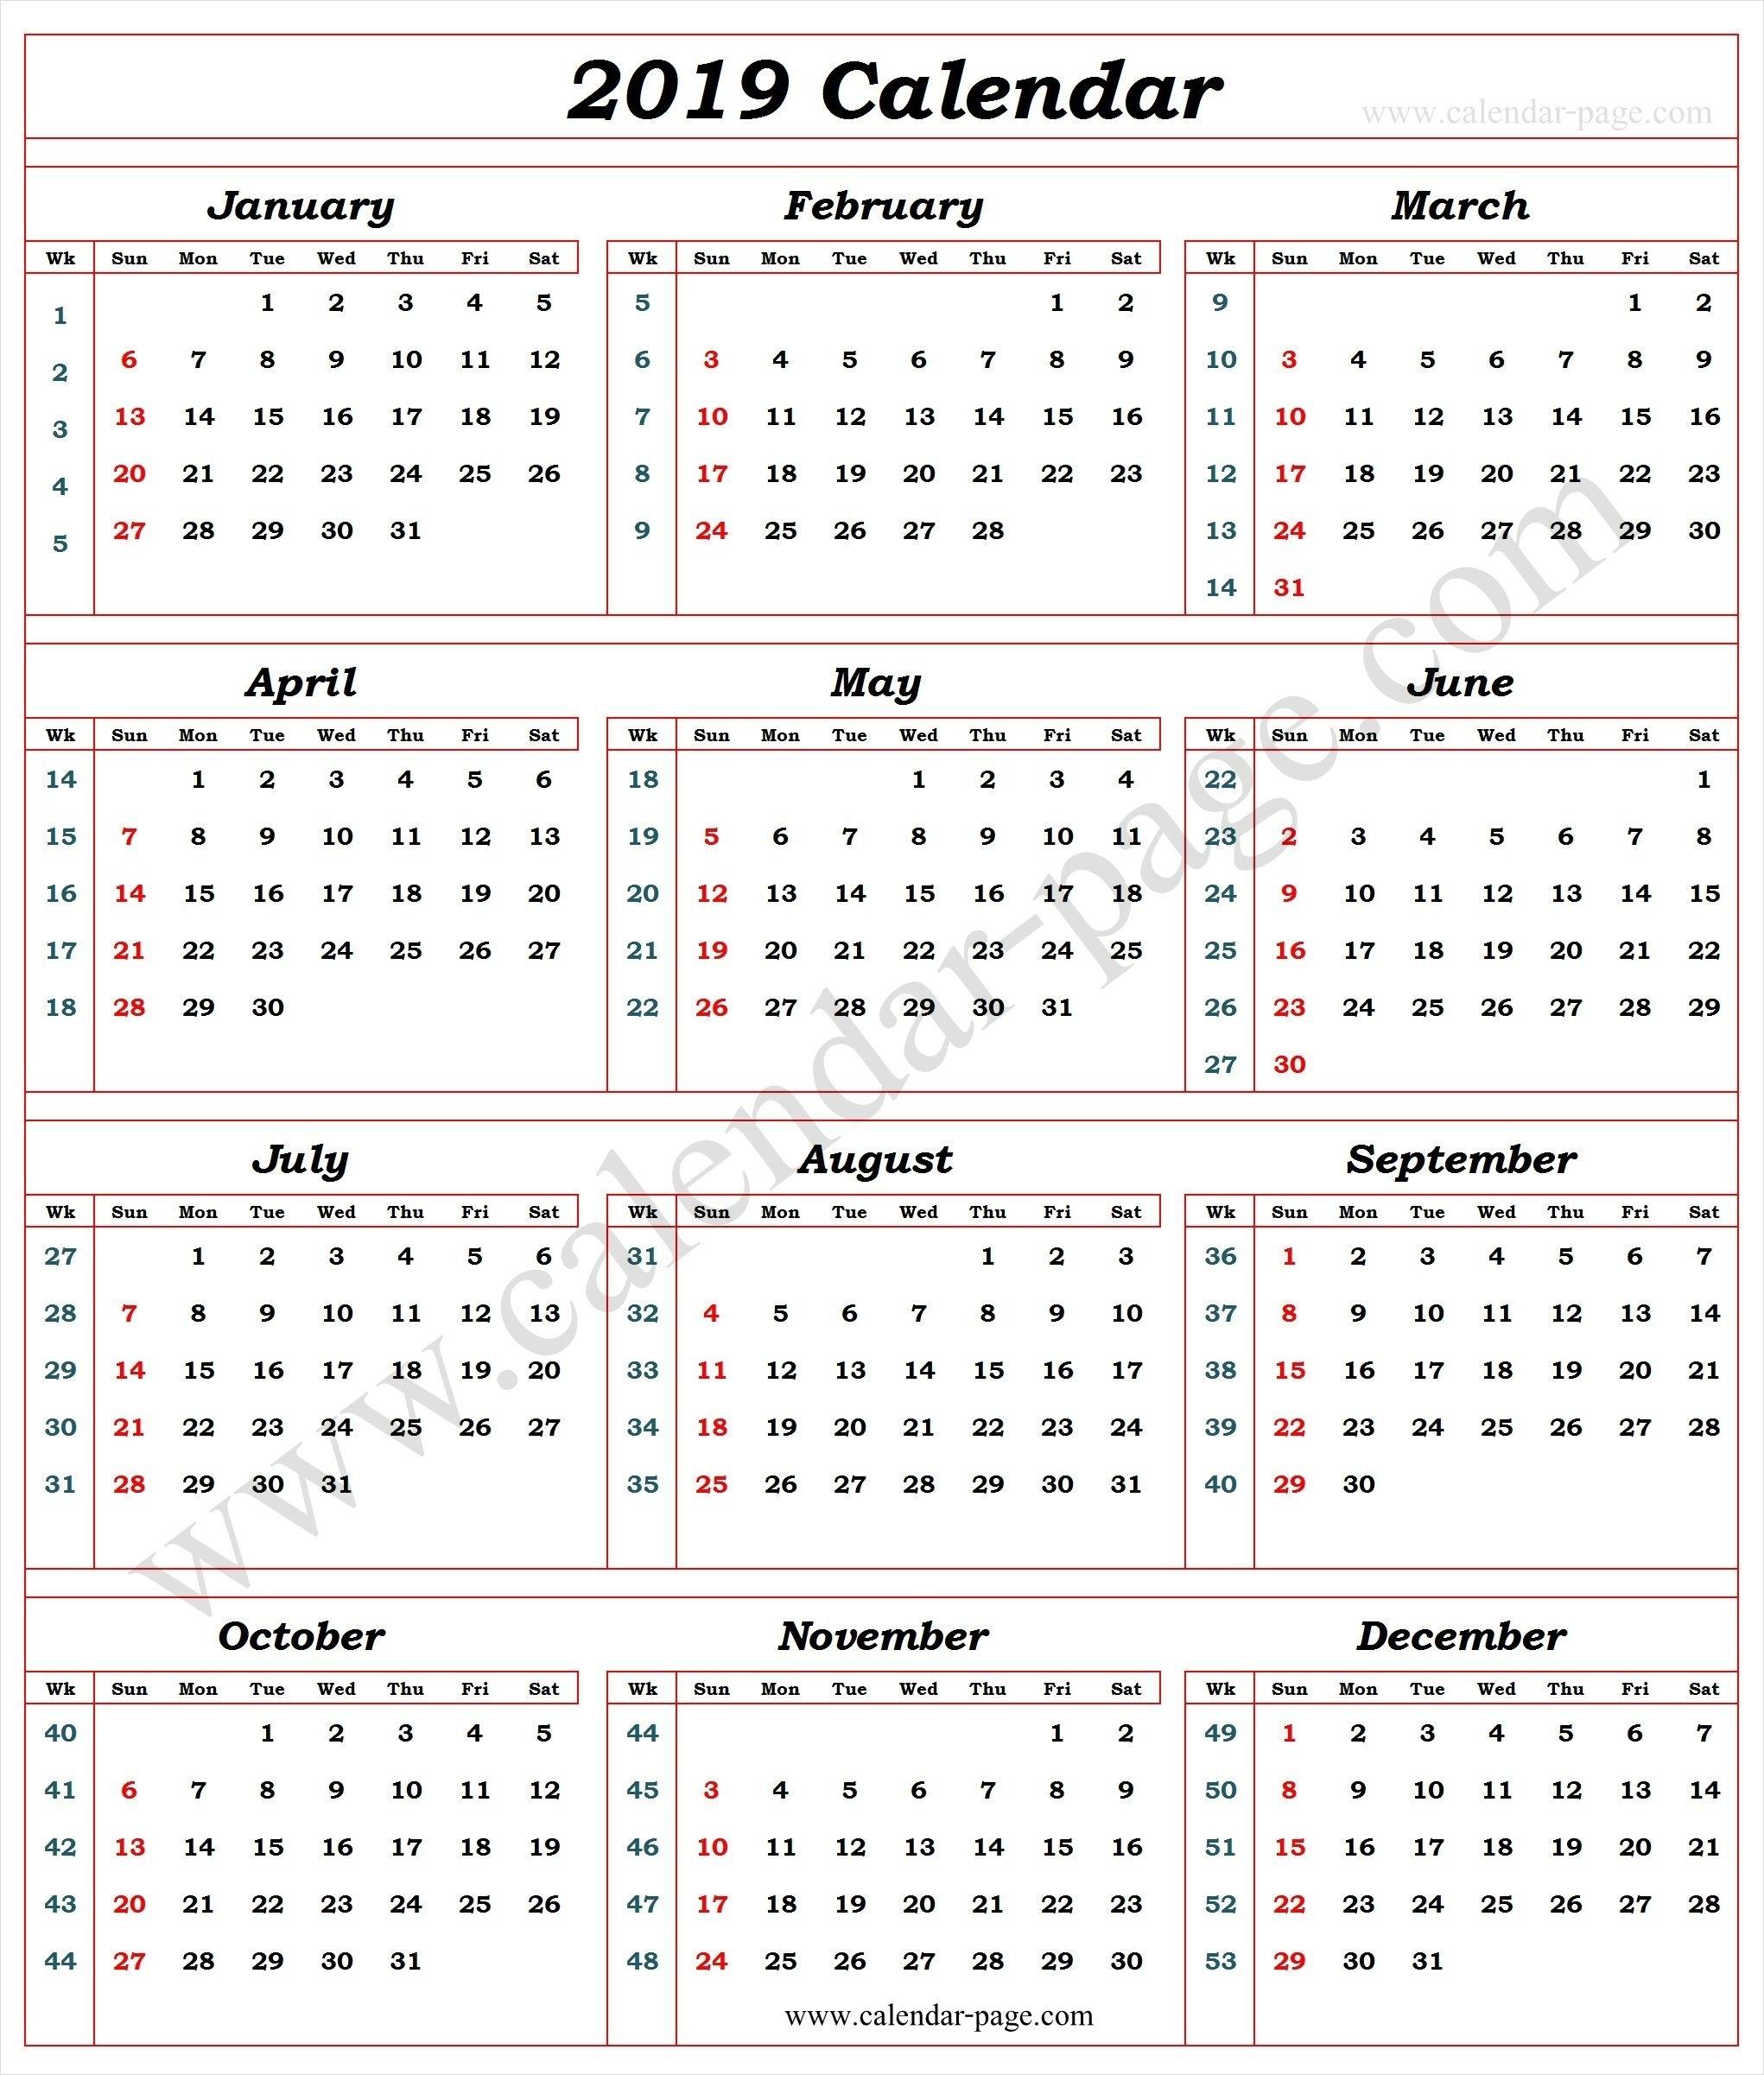 Calendar 2019 With Week Numbers | 2019 Calendar Template | Blank inside Number Of The Week Template